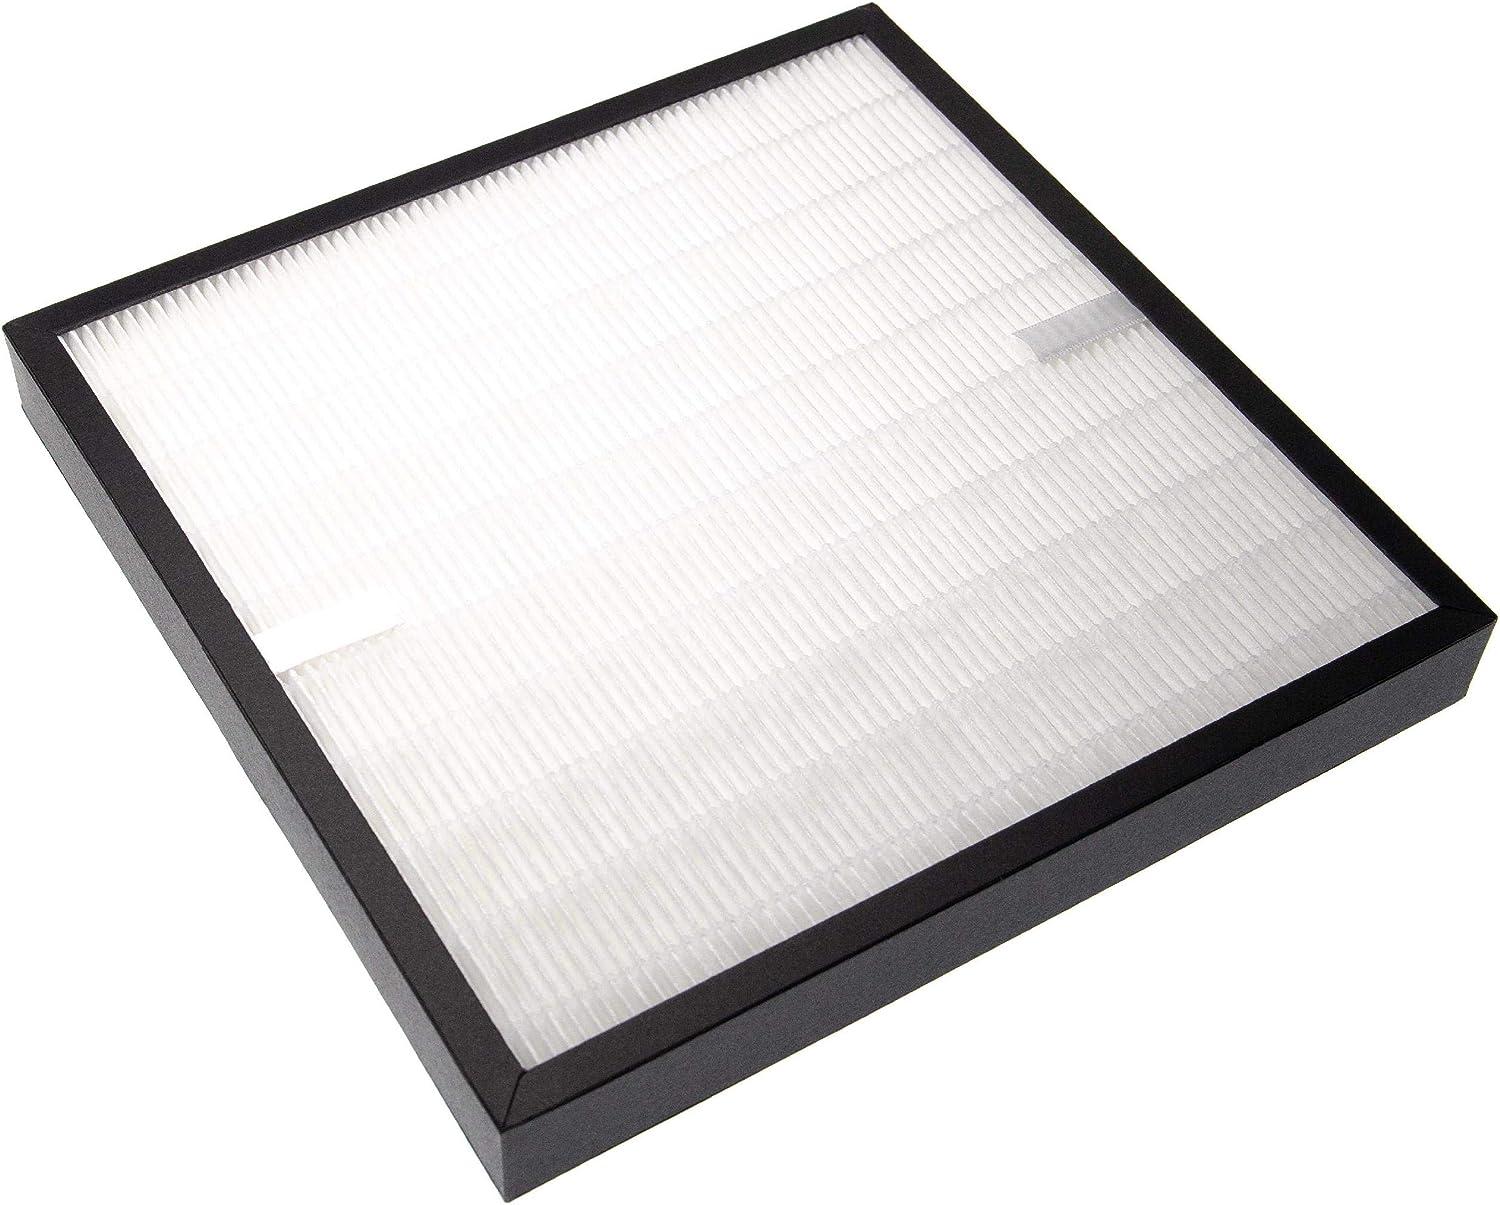 vhbw Filtro Compatible con DeLonghi AC 100, AC 150 humidificador/purificador de Aire - Combinado HEPA carbón Activo: Amazon.es: Hogar